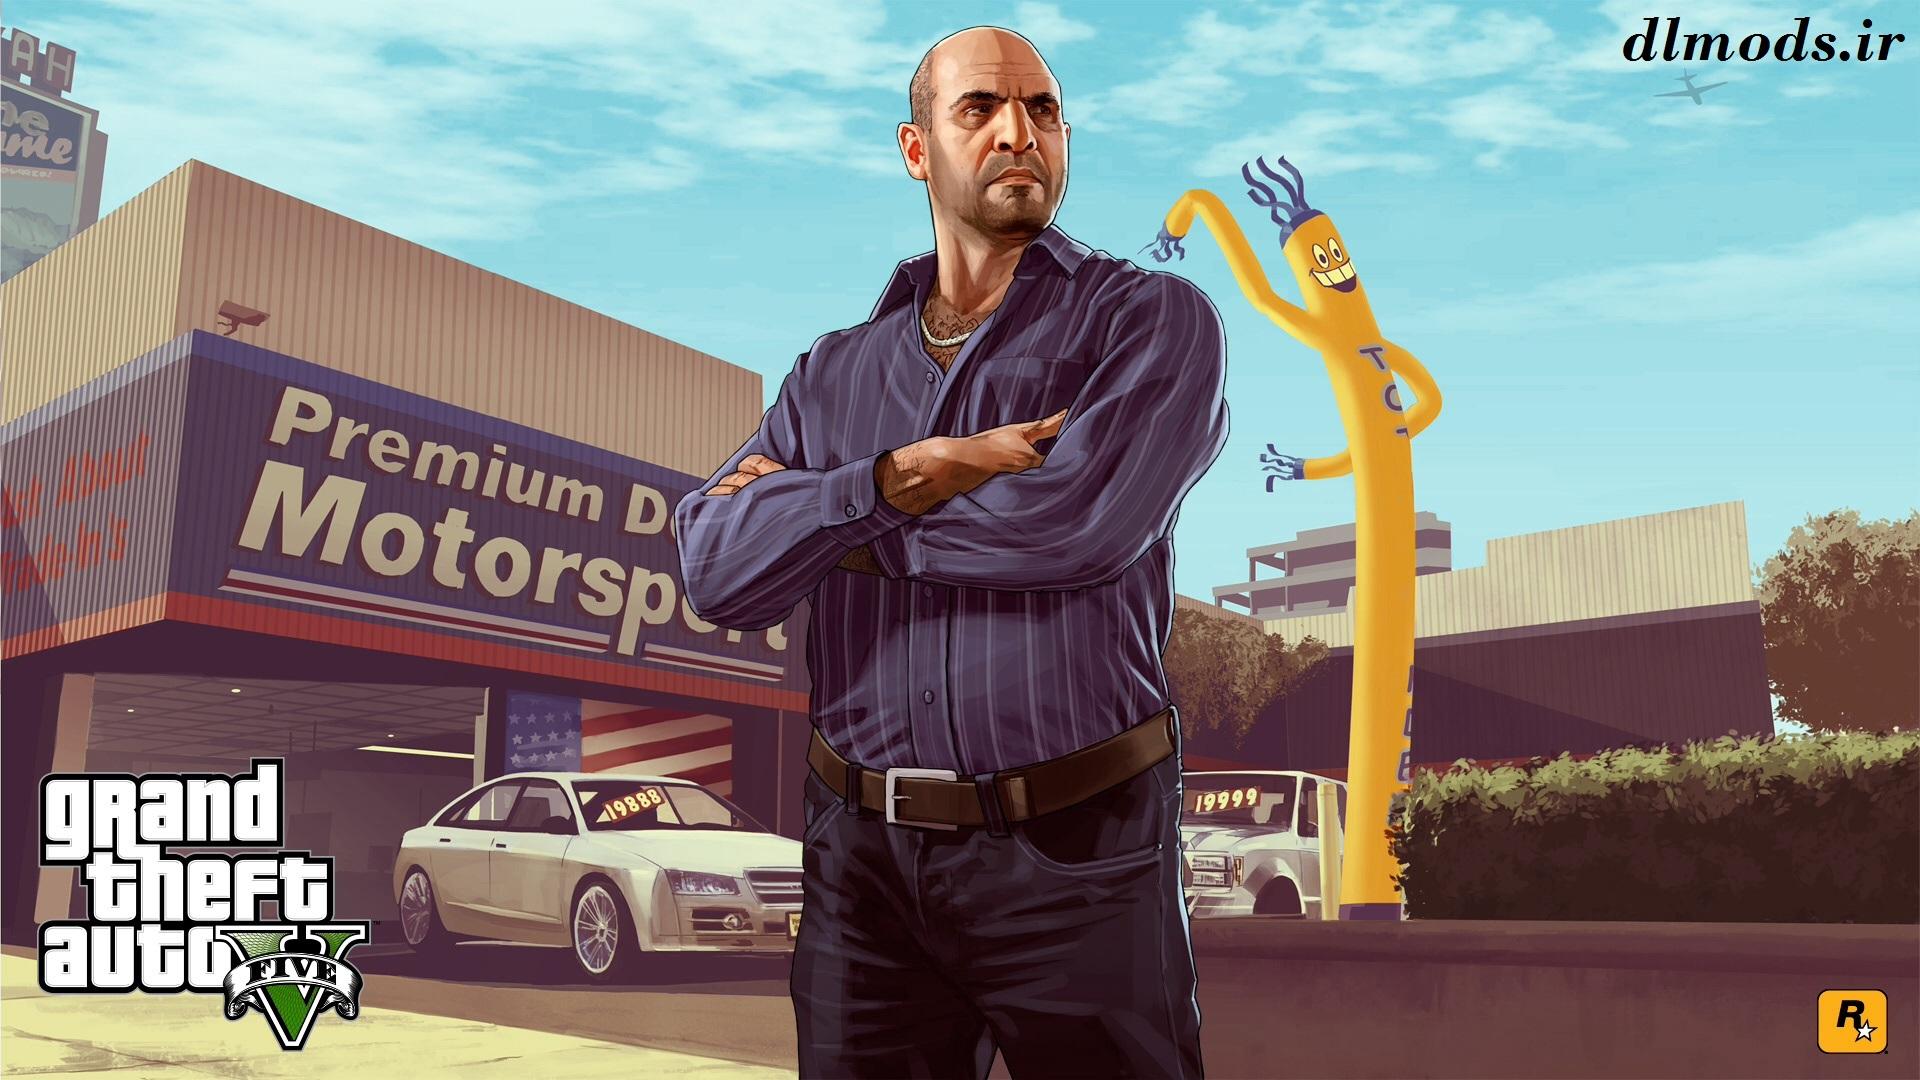 آموزش پول در آوردن در بازی GTA V